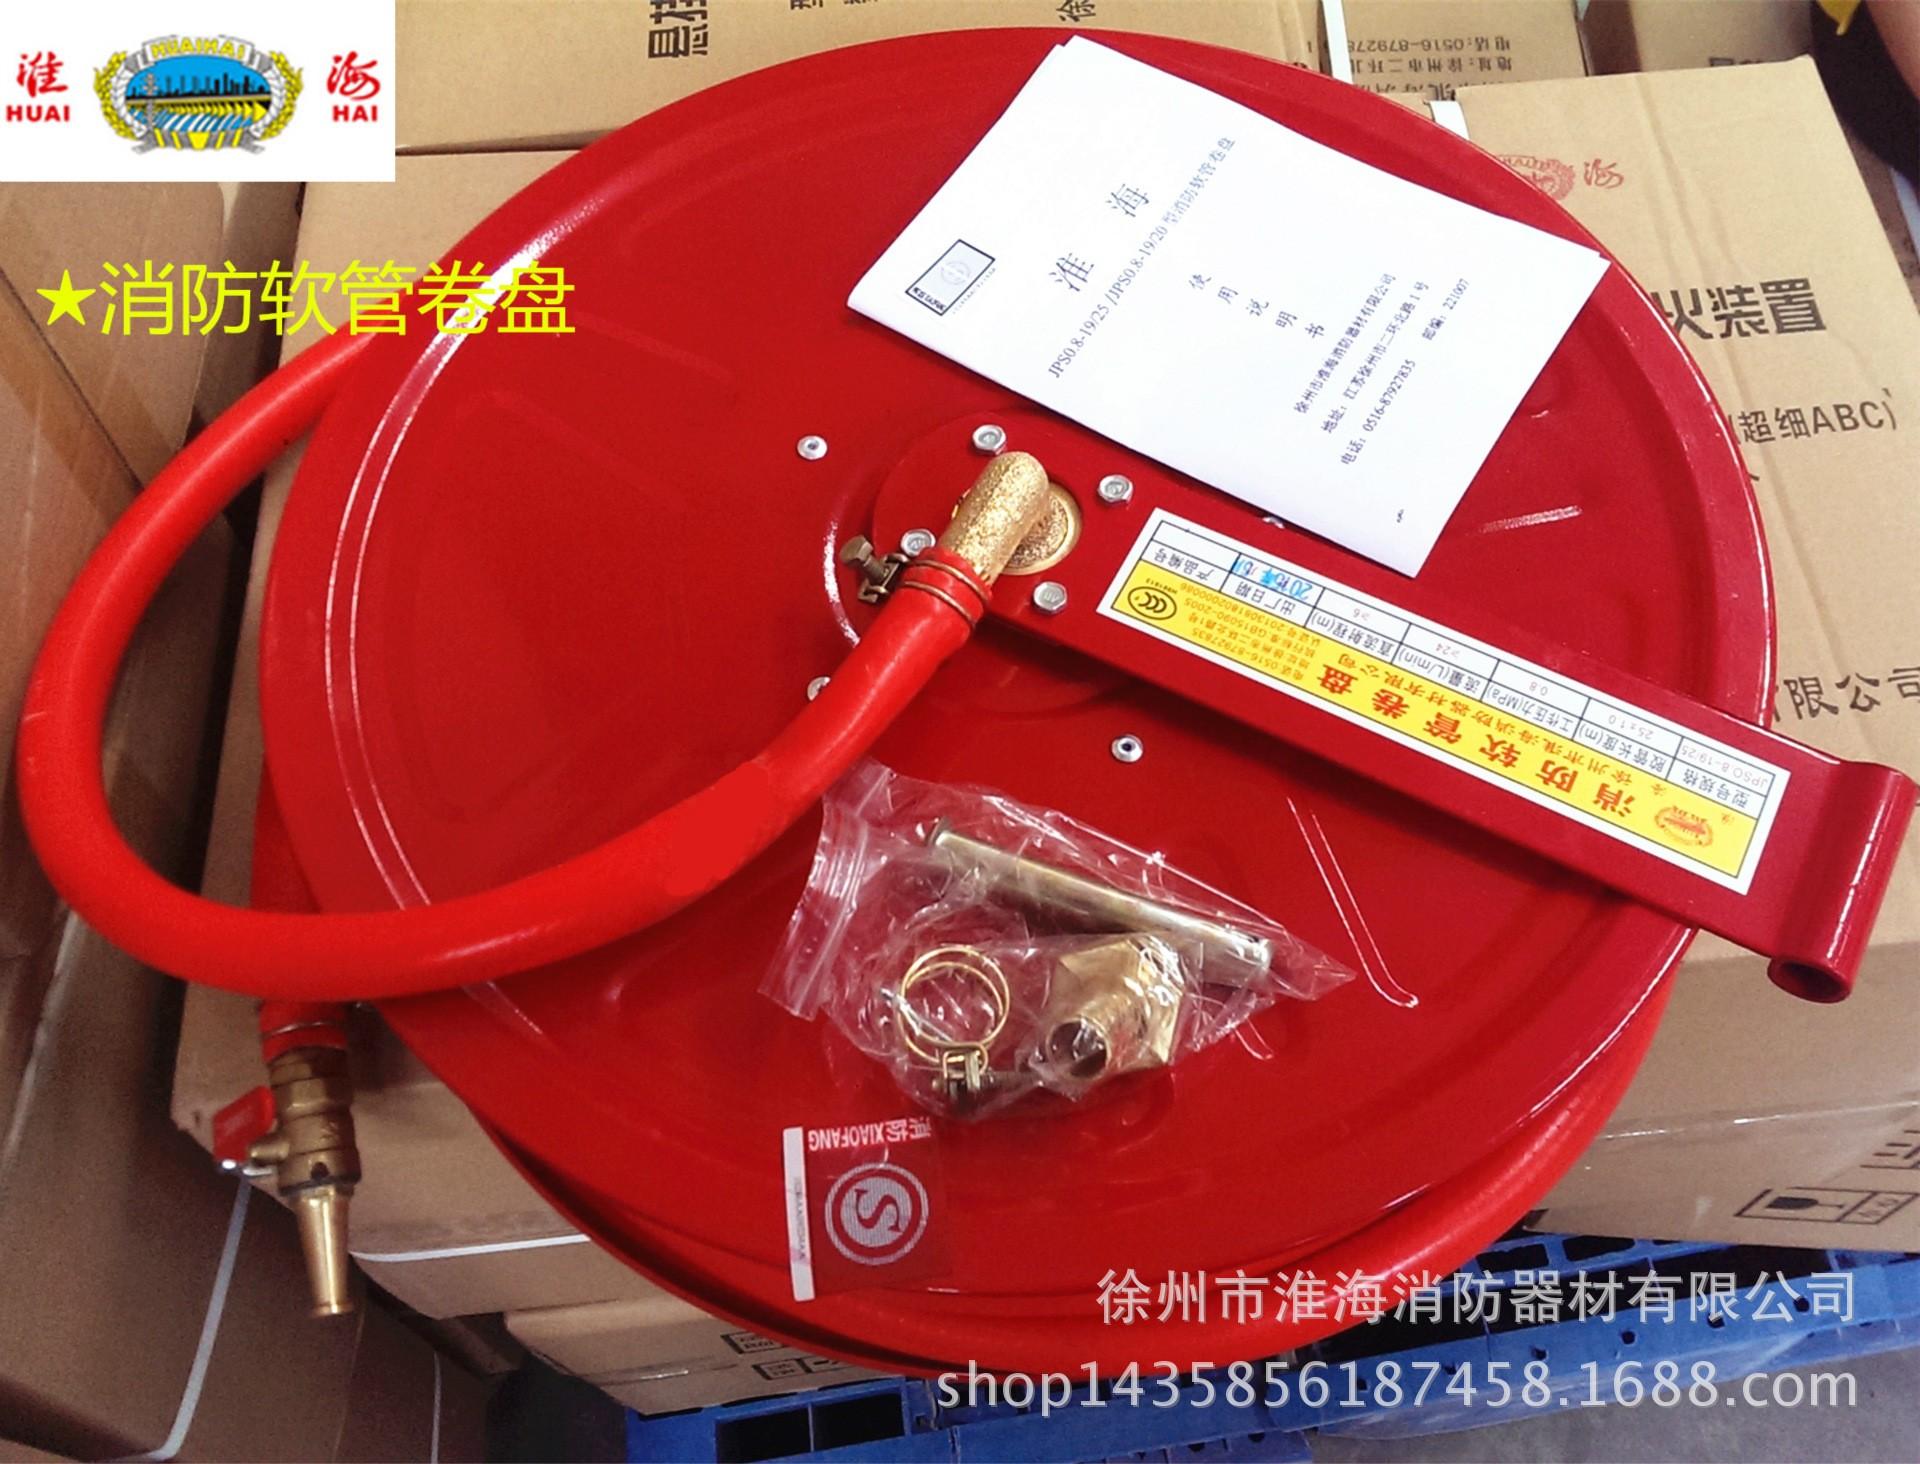 淮海牌消防软管卷盘 消防卷盘 非消防车